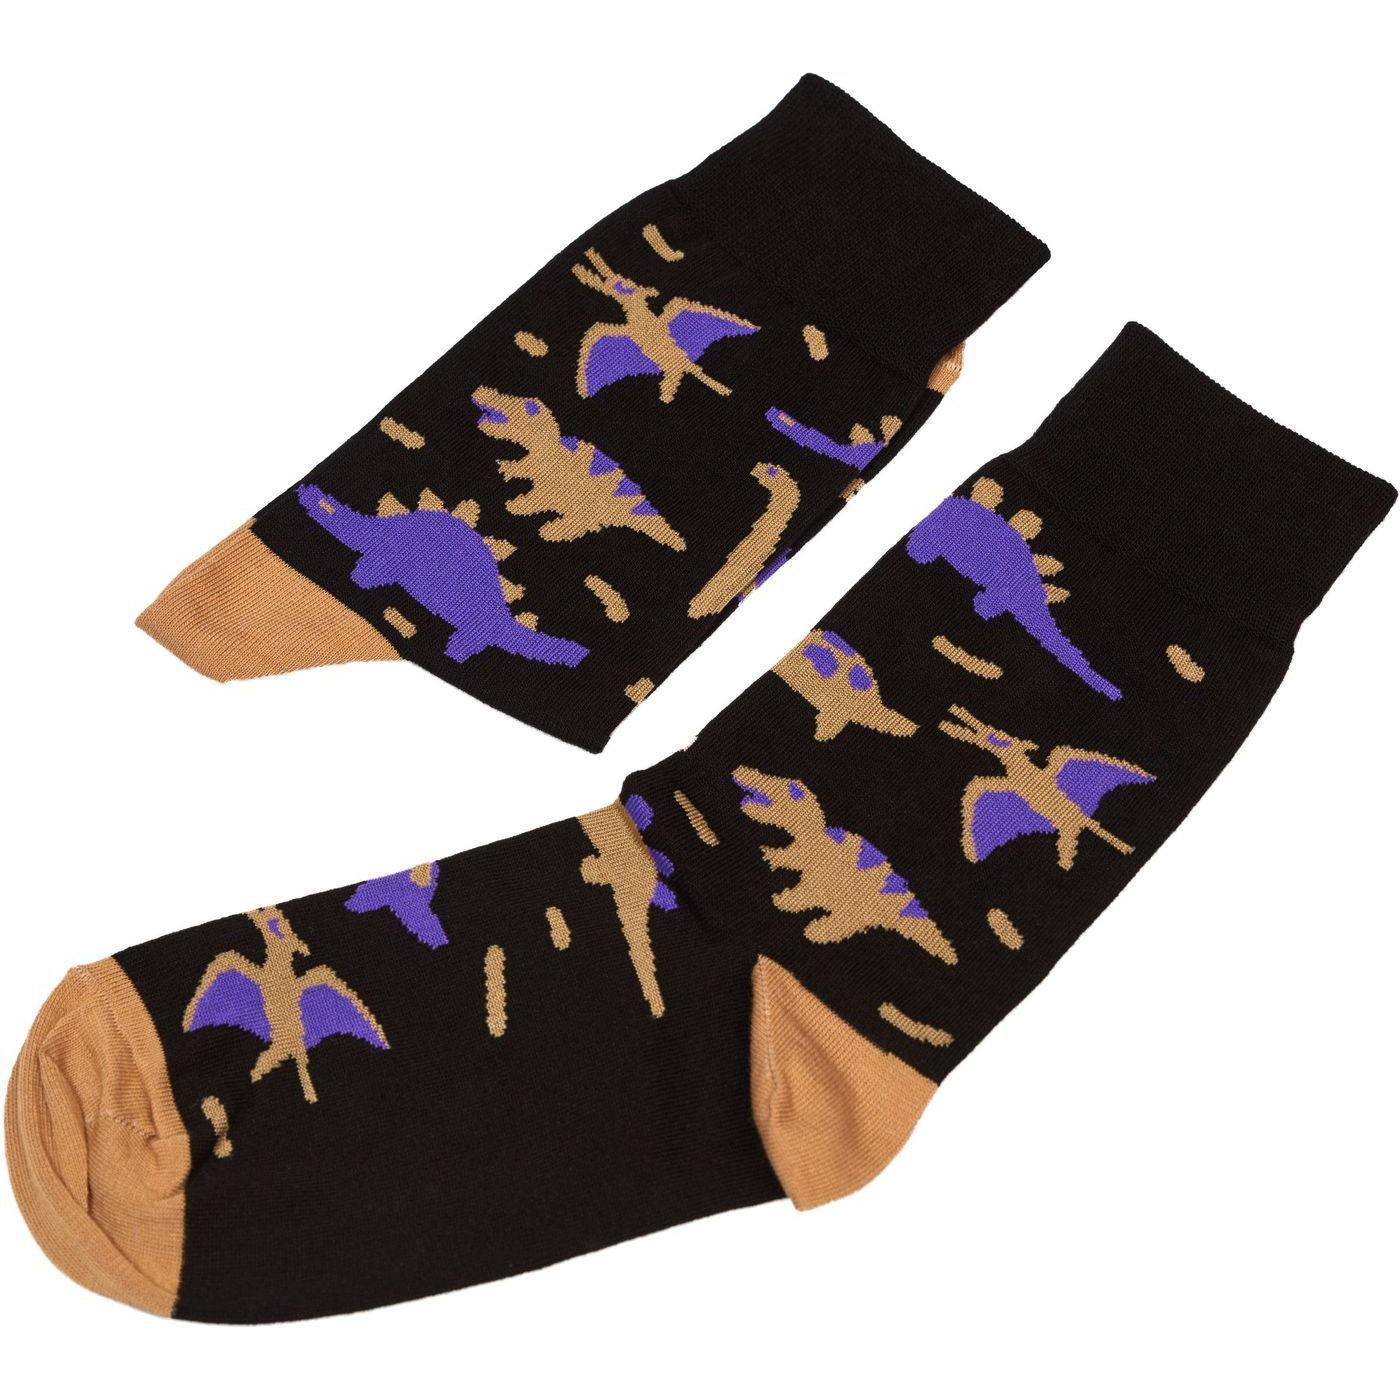 Носки unisex St. Friday Socks